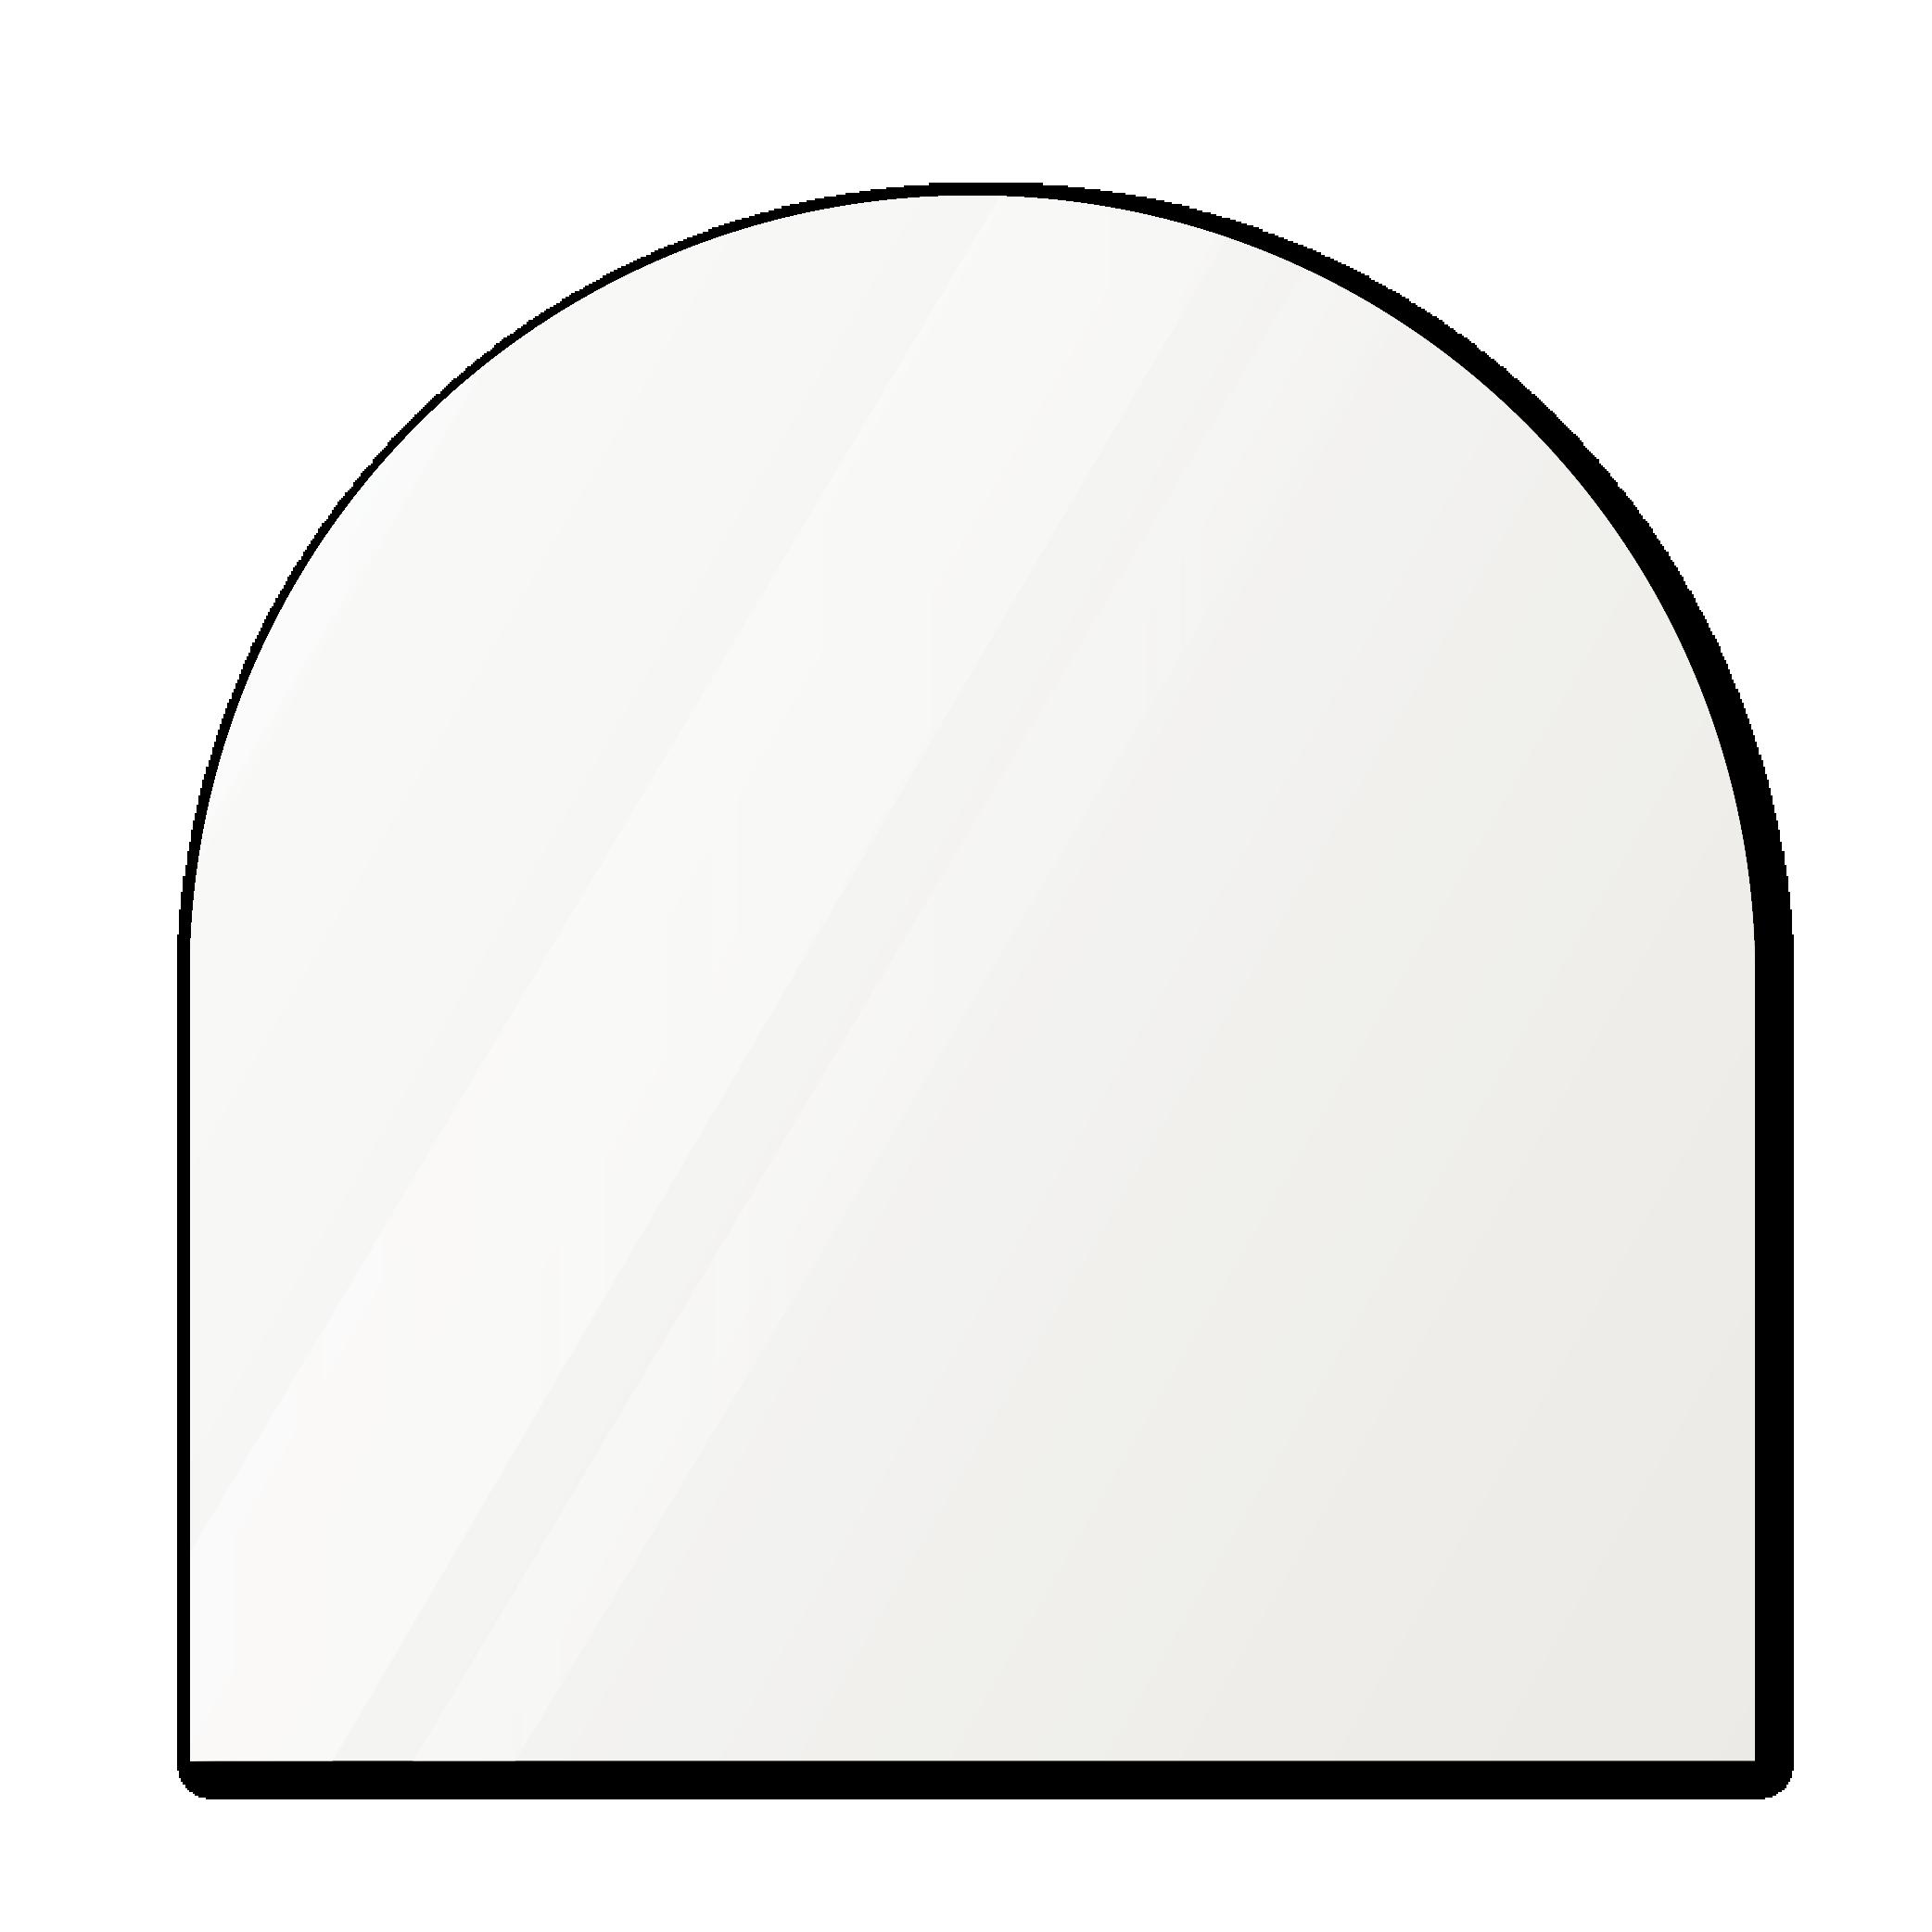 Зеркало в форме арки 1100×1100 мм осветленное с фацетом 25 мм для монтажа на клей